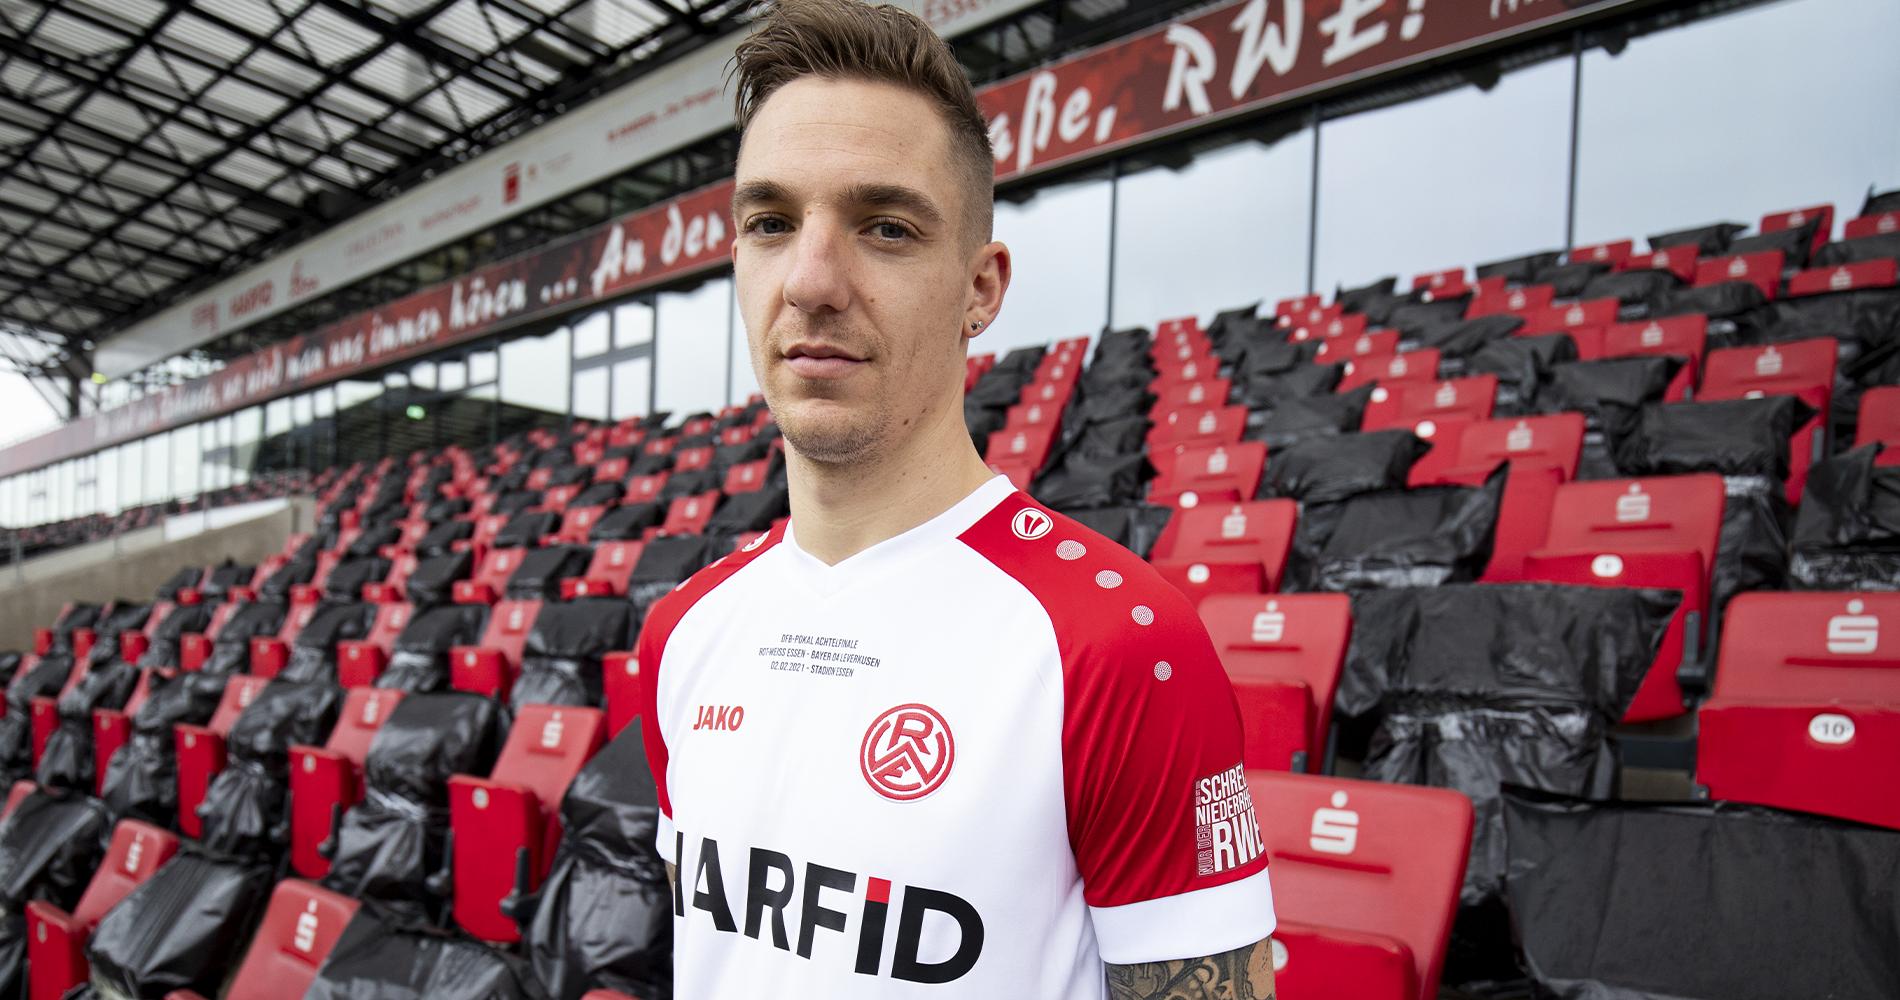 RWE-Kapitän und Zweitrunden-Torschütze Marco Kehl-Gomez im Pokaltrikot, enthalten in den vorbestellbaren Pokal-Paketen.